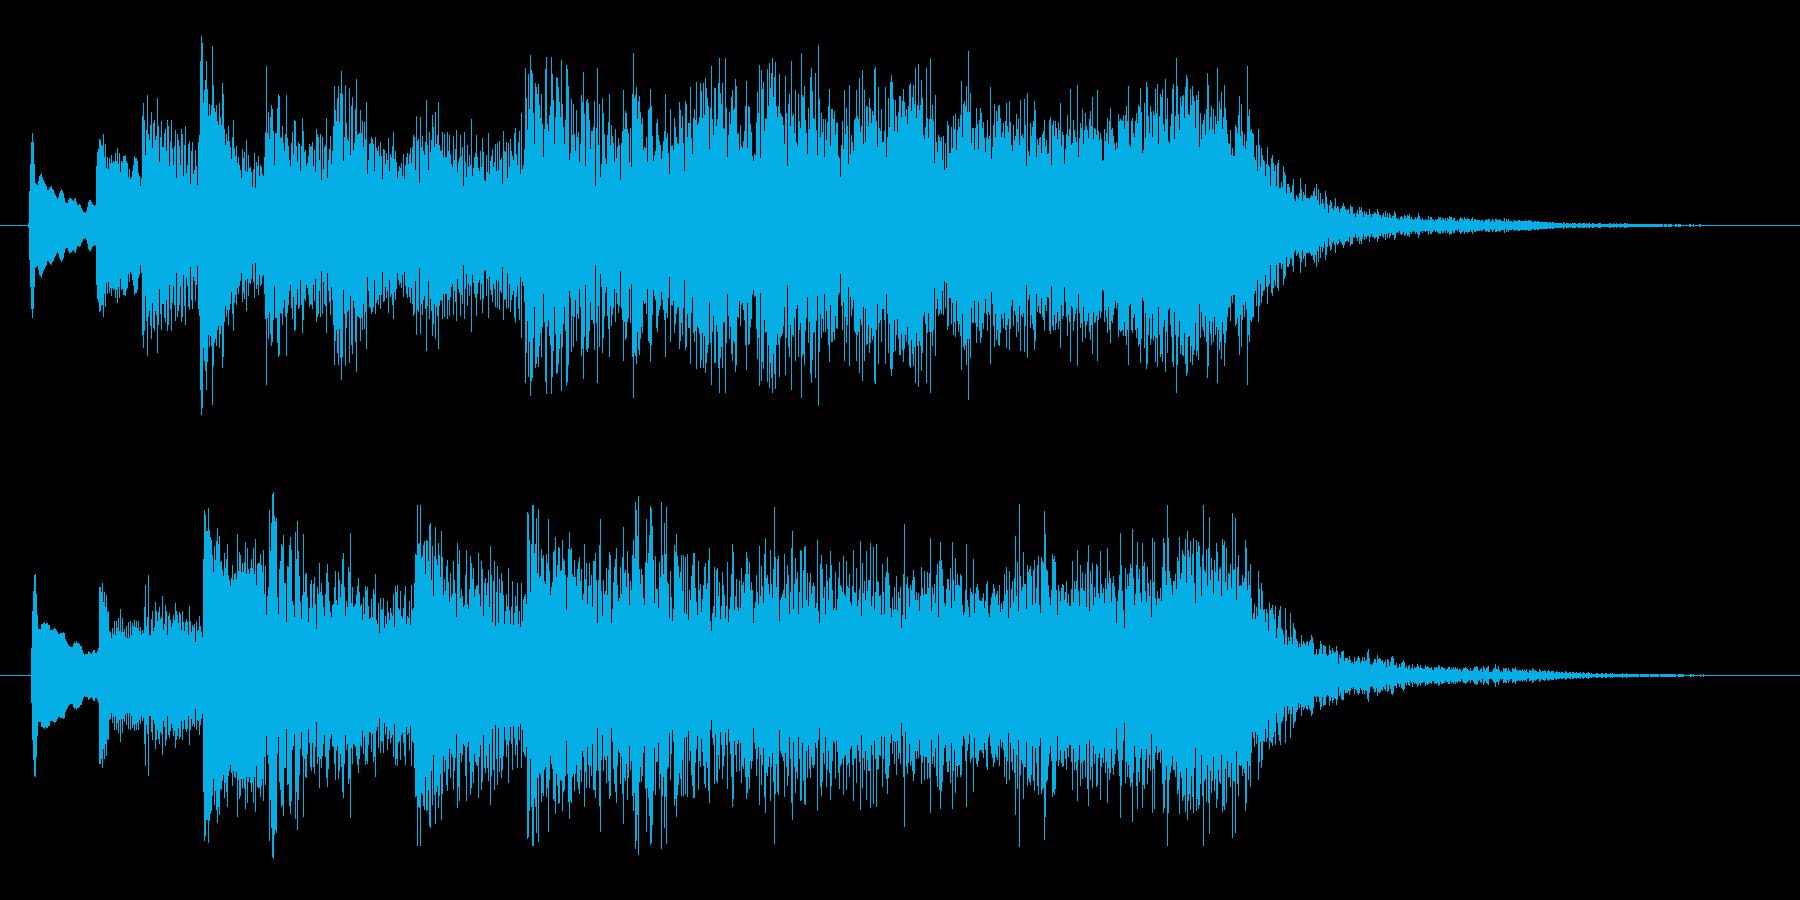 ハープとストリングスのジングル1の再生済みの波形